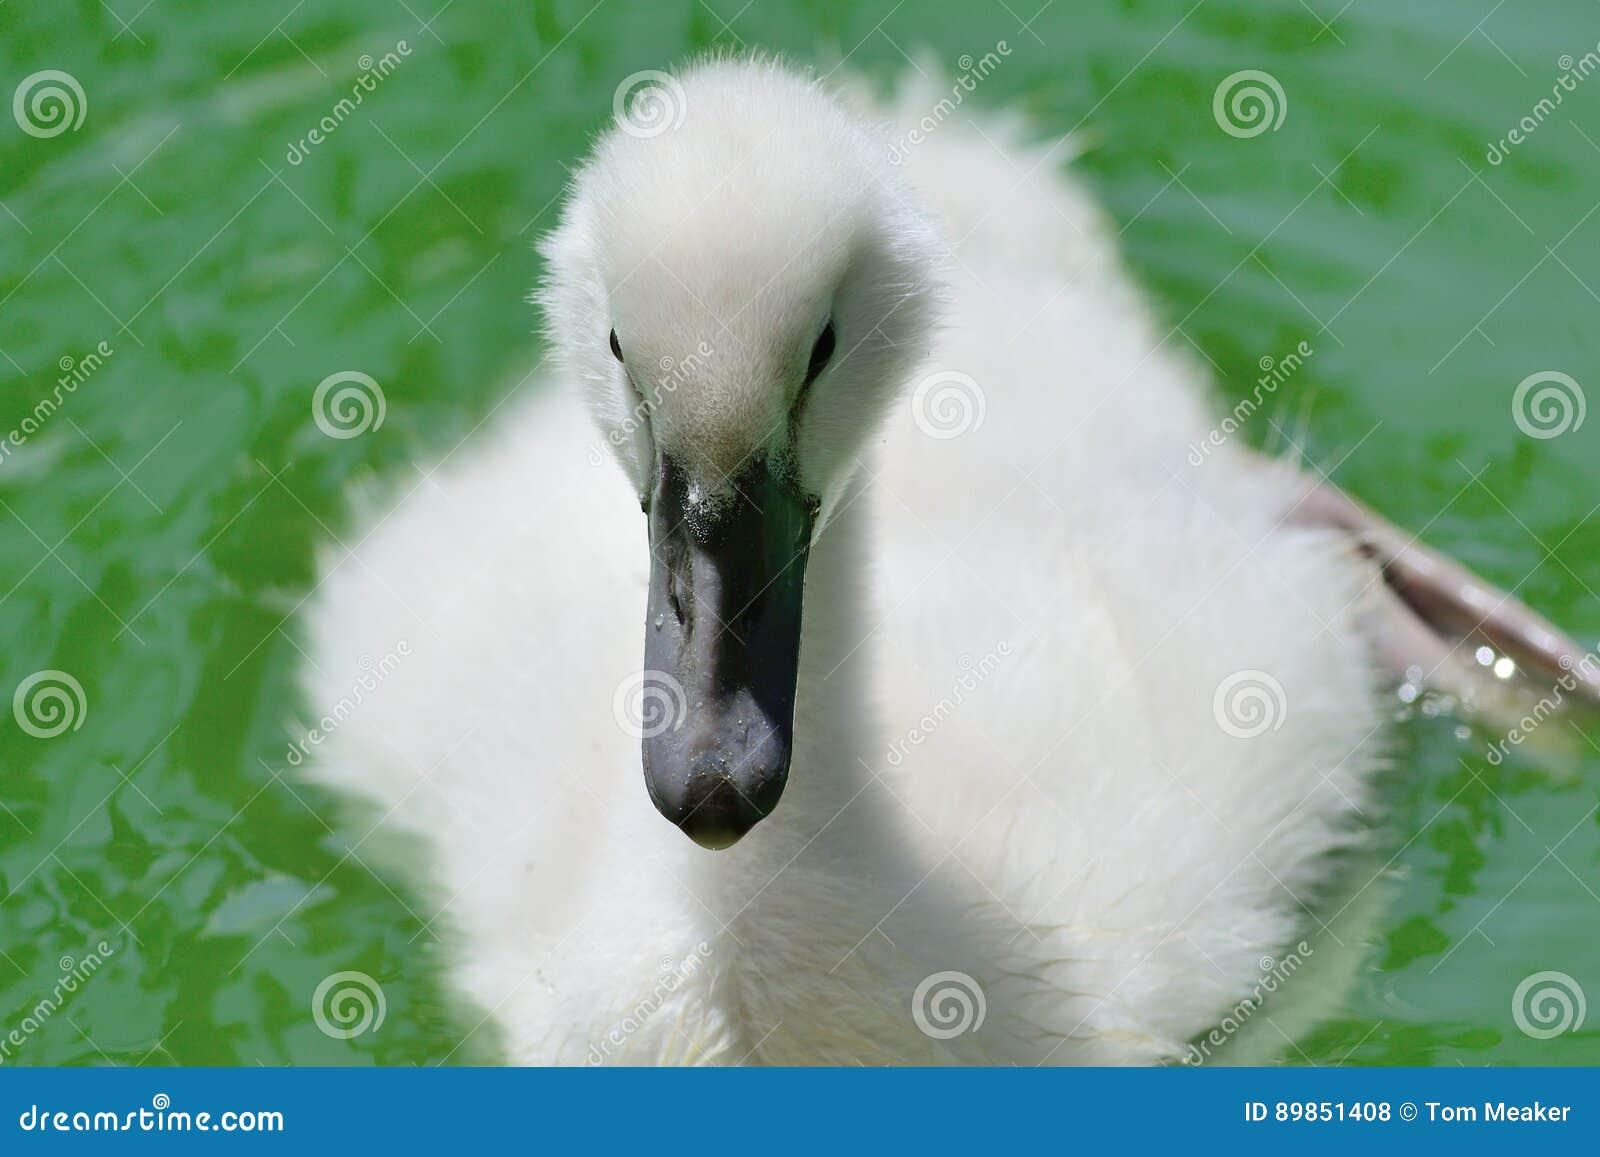 Молодой лебедь в воде